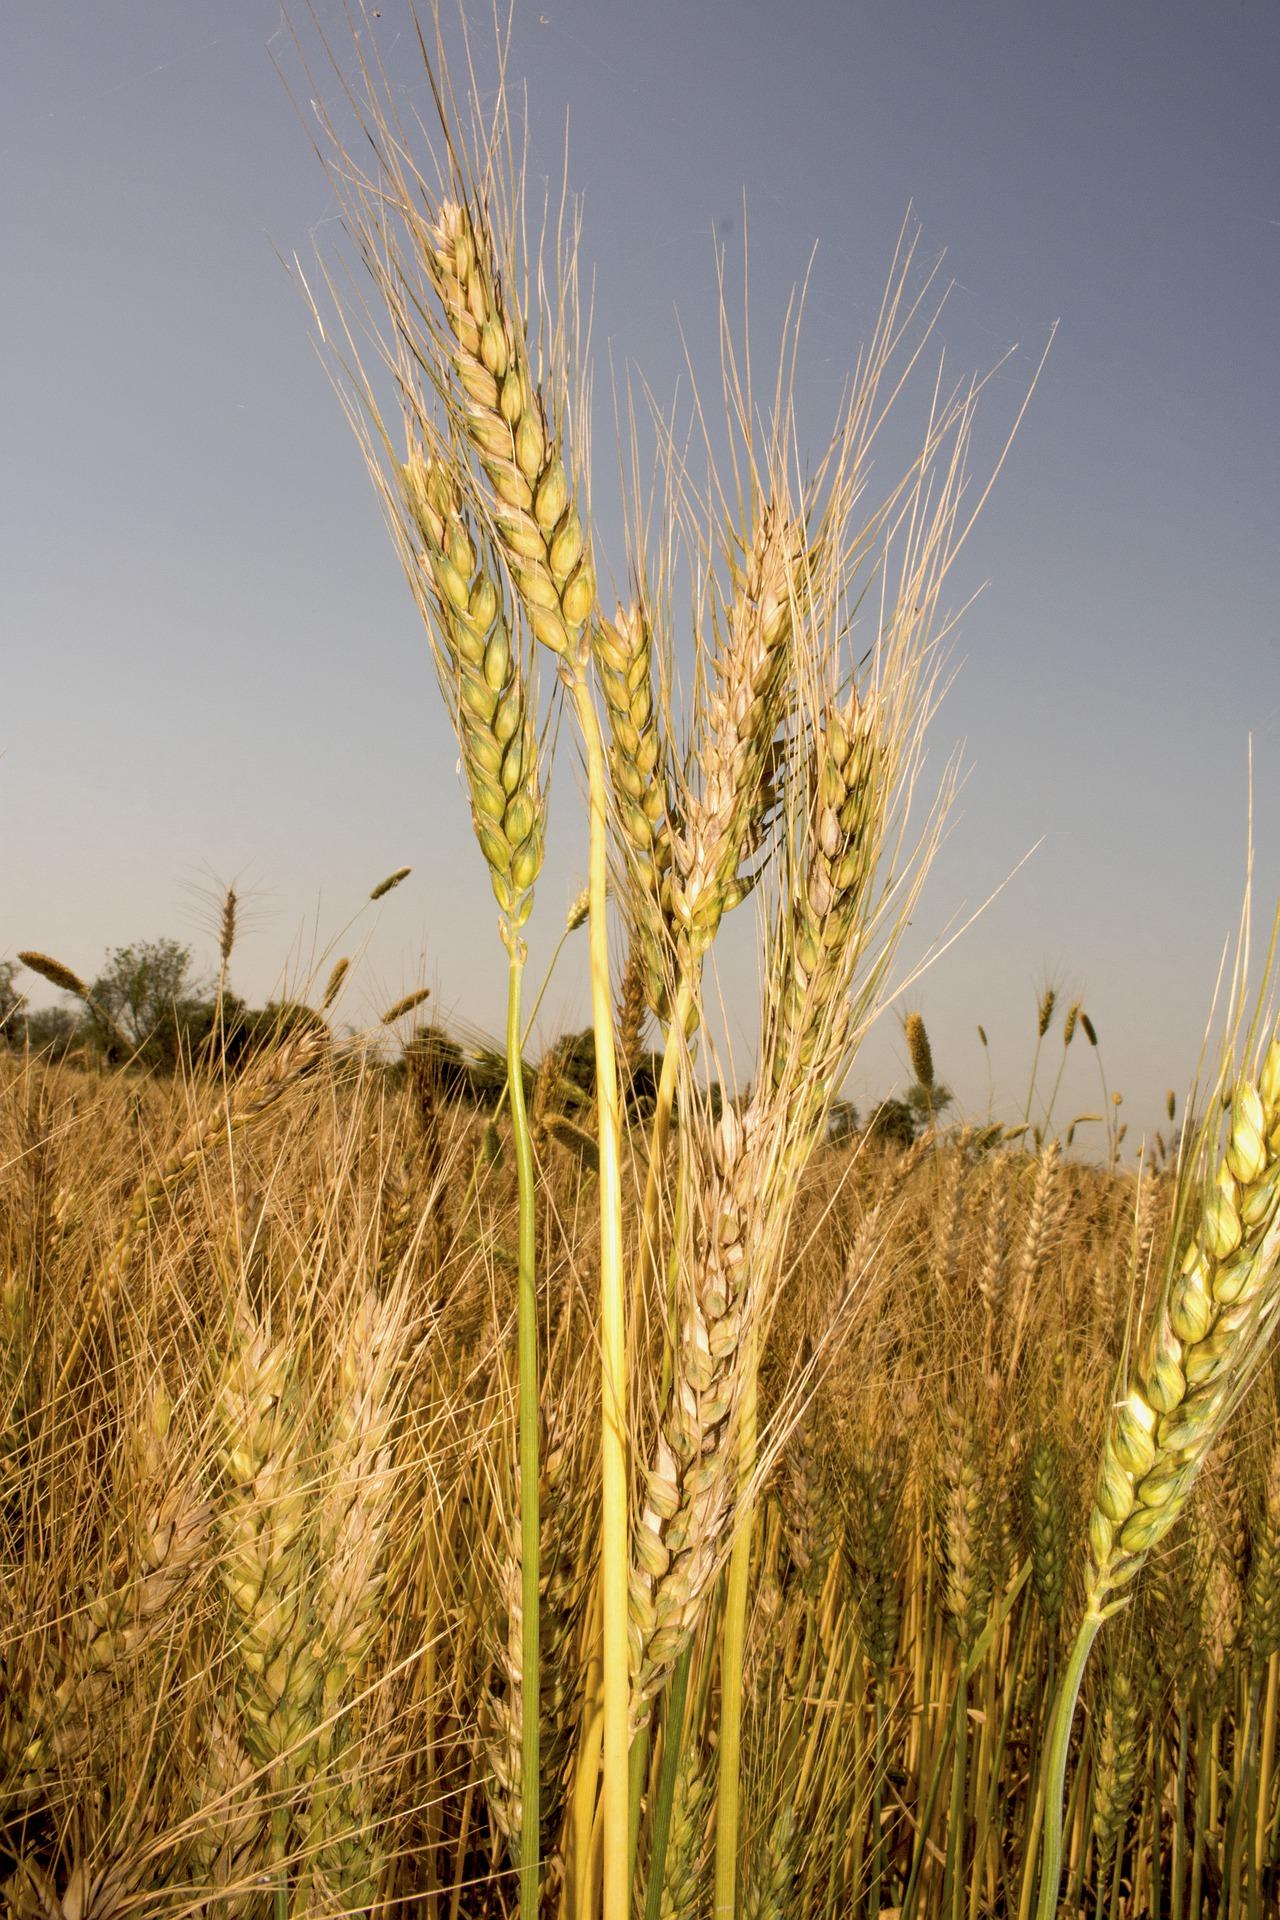 Epi de blé en gros plan dans un champ de blé